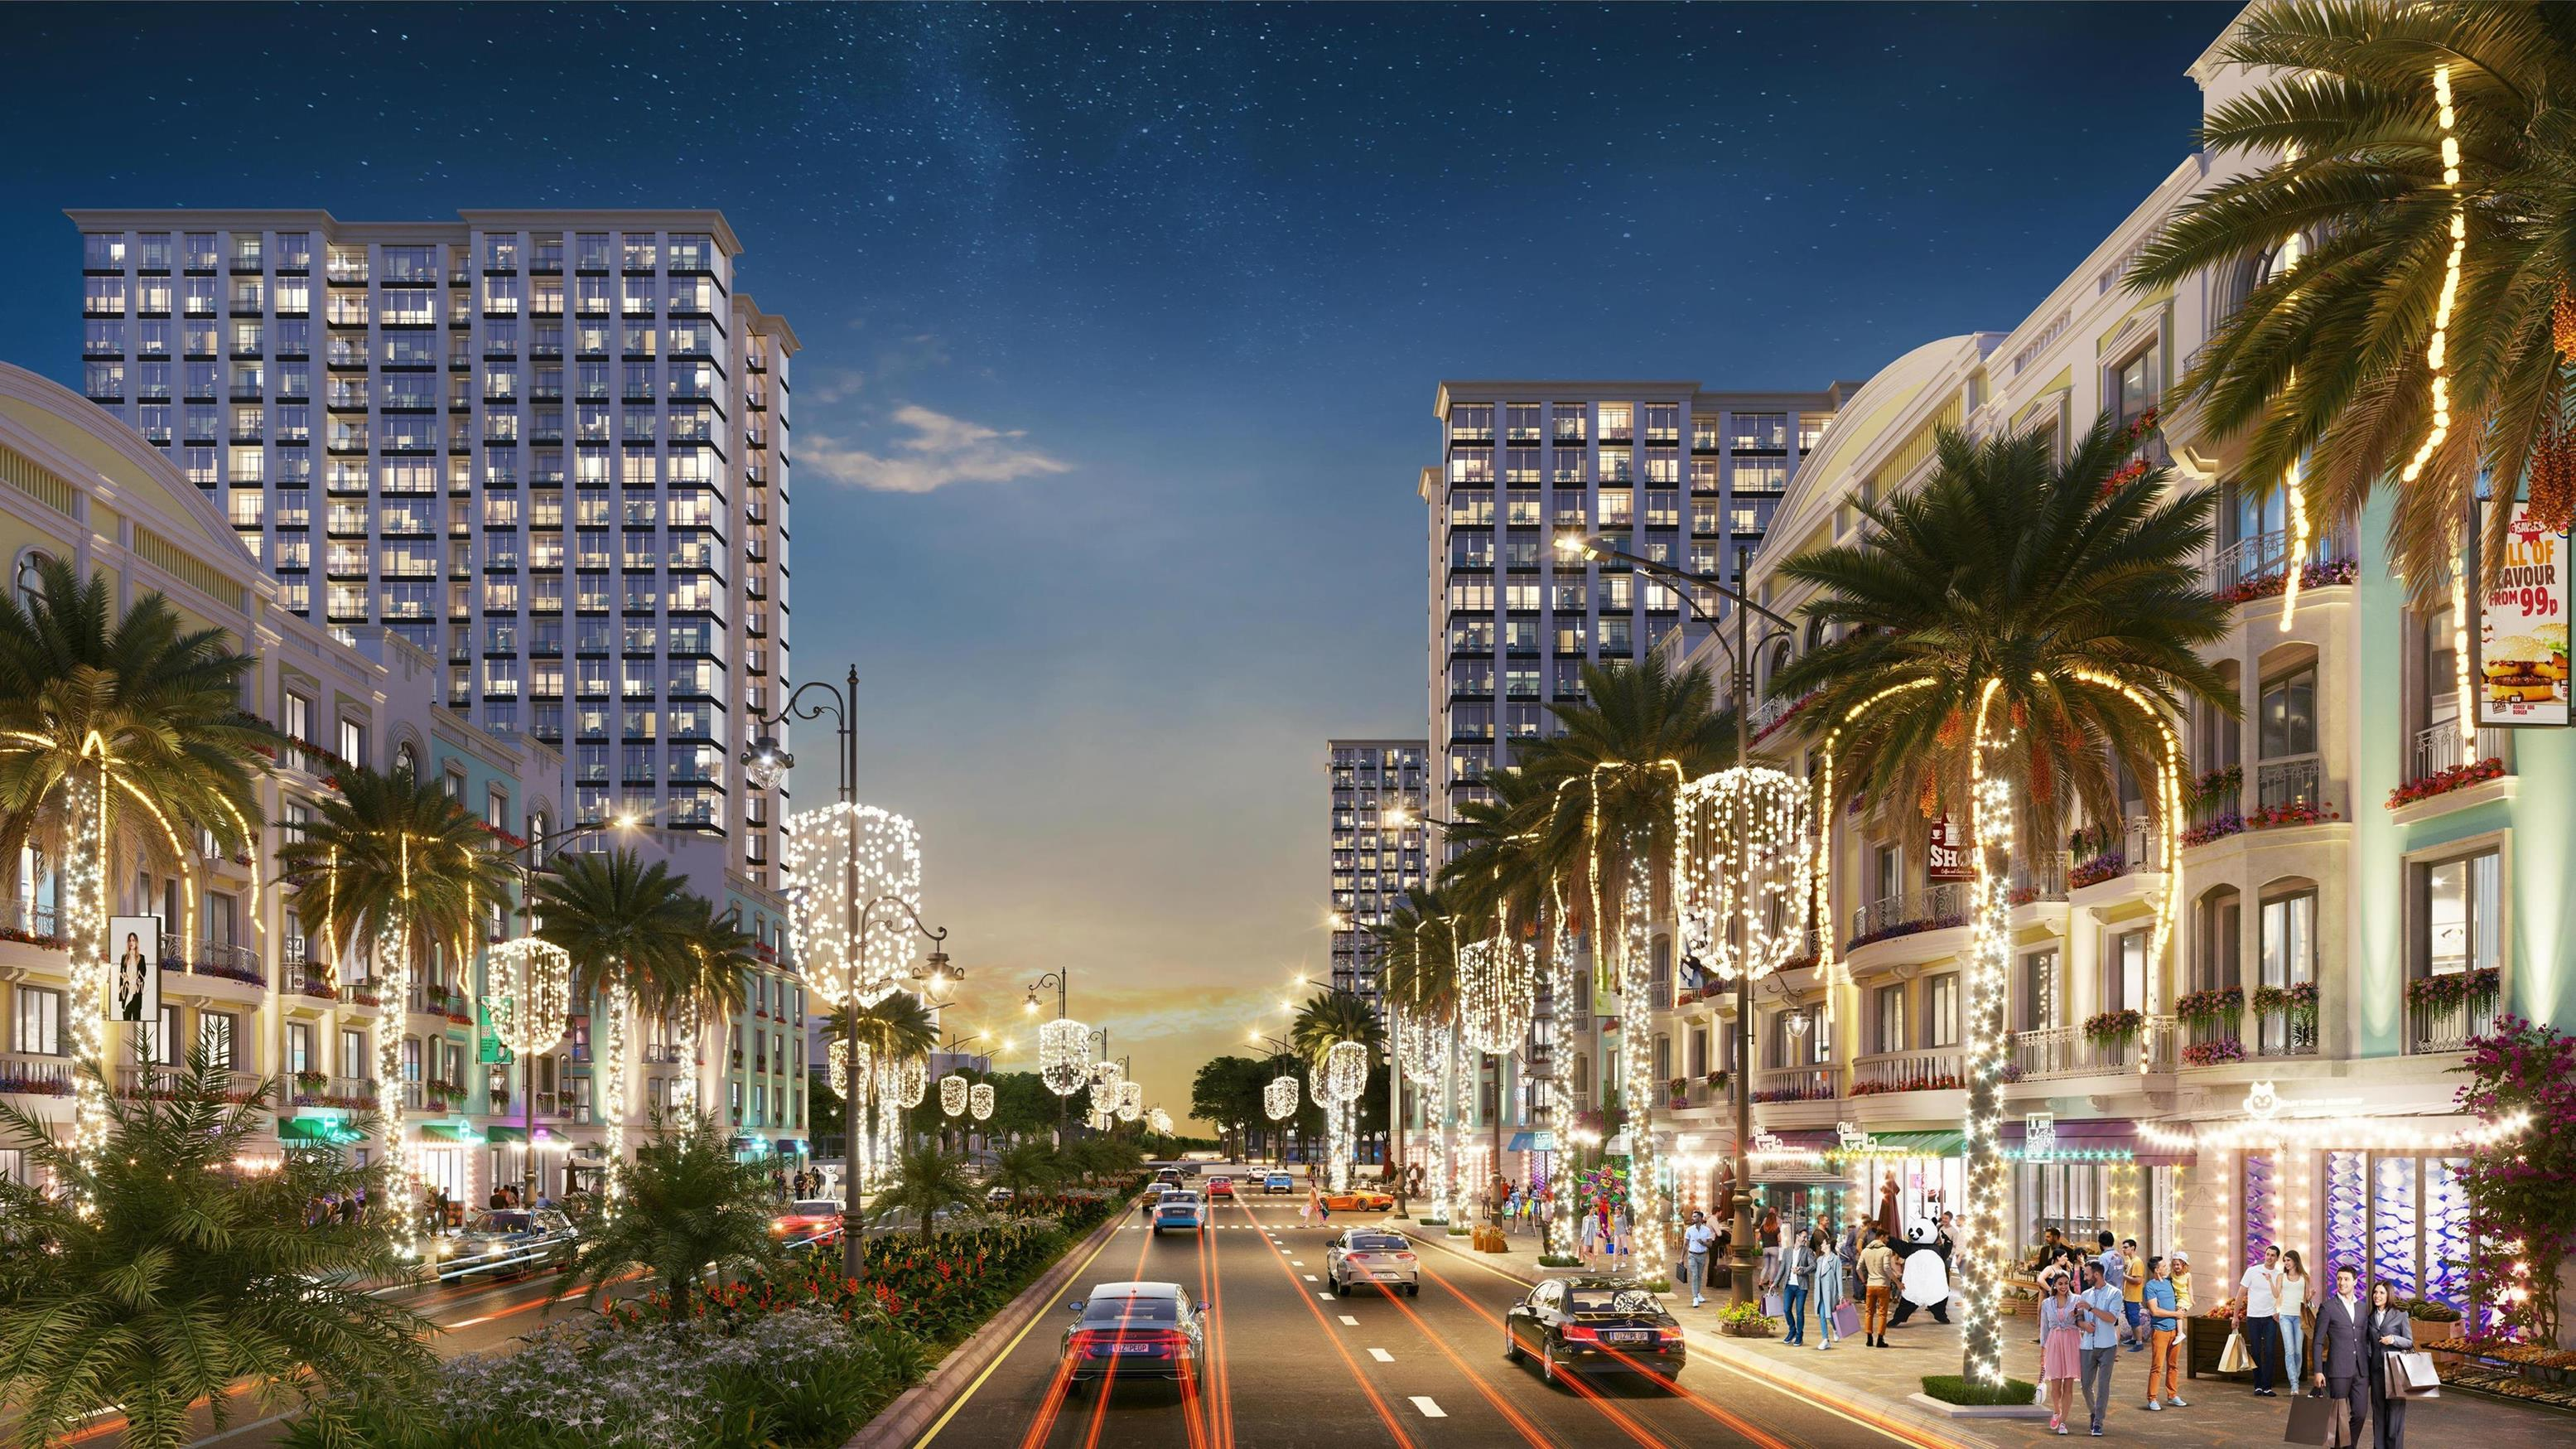 Sun Group ra mắt Khu đô thị Quảng trường biển Sun Grand Boulevard tại Sầm Sơn - Ảnh 4.